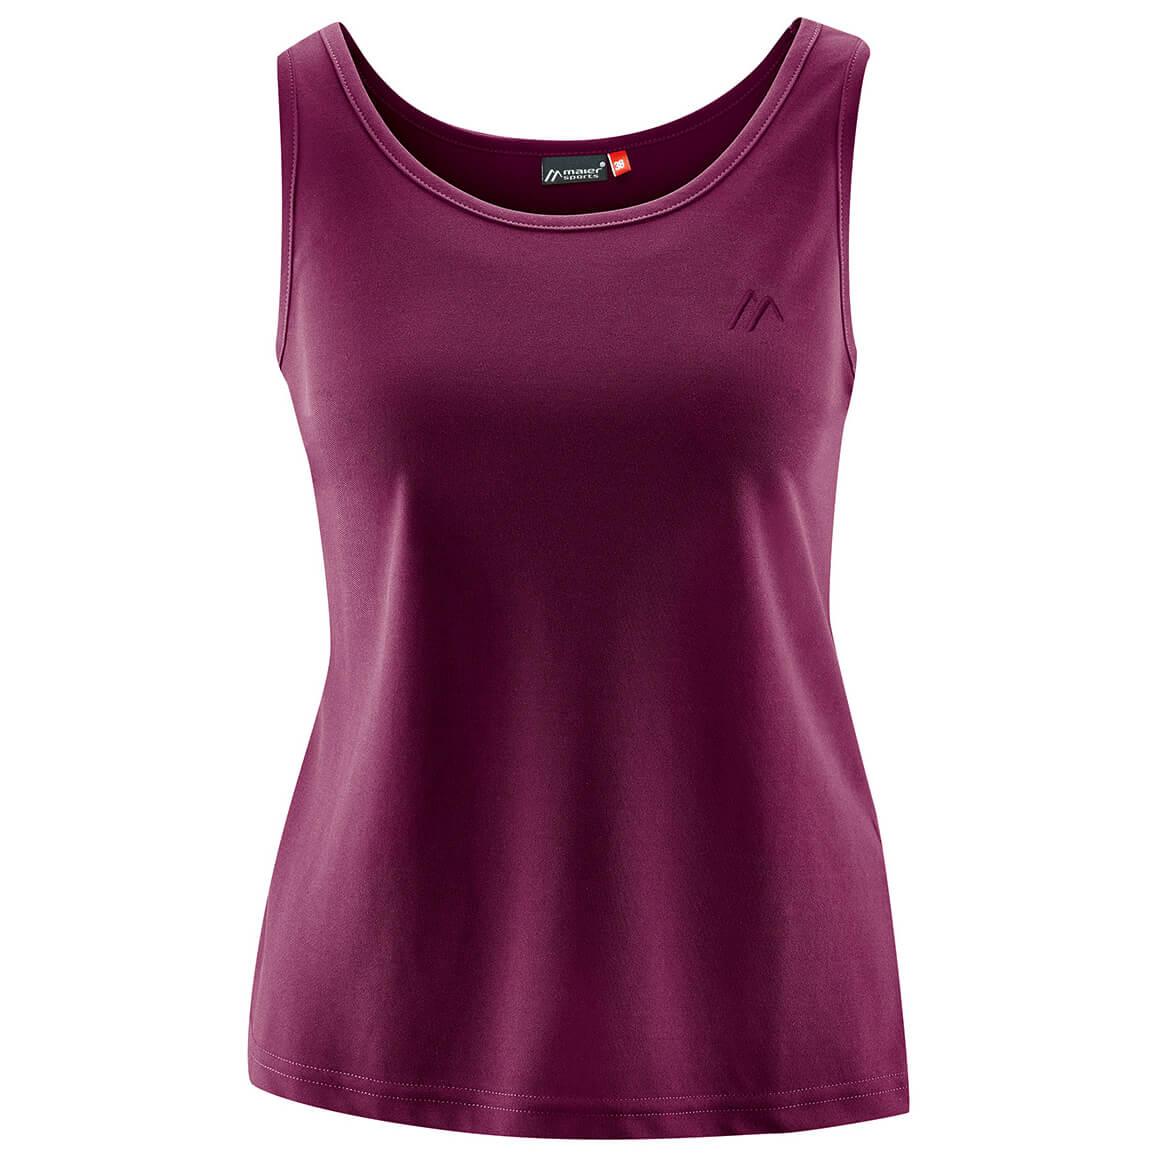 Camping & Outdoor Maier Sports Petra Damen Top Shirt violett Bekleidung